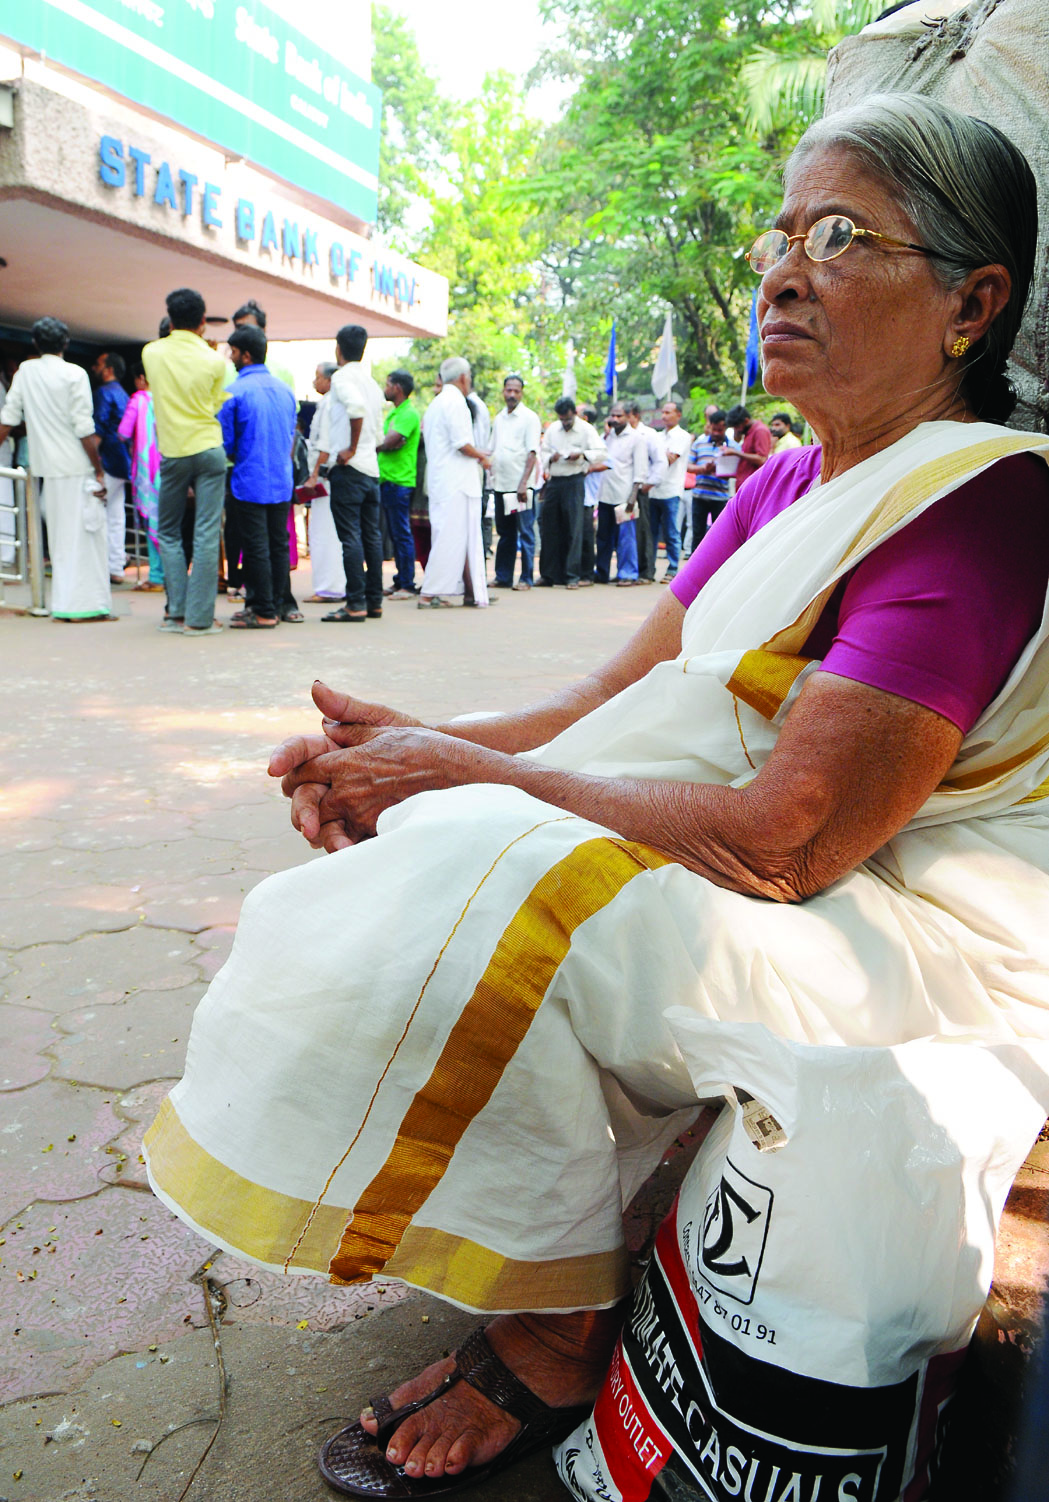 പ്രതിസന്ധി ഒഴിഞ്ഞില്ല: വായ്പ തിരിച്ചടക്കാന് രണ്ടുമാസം